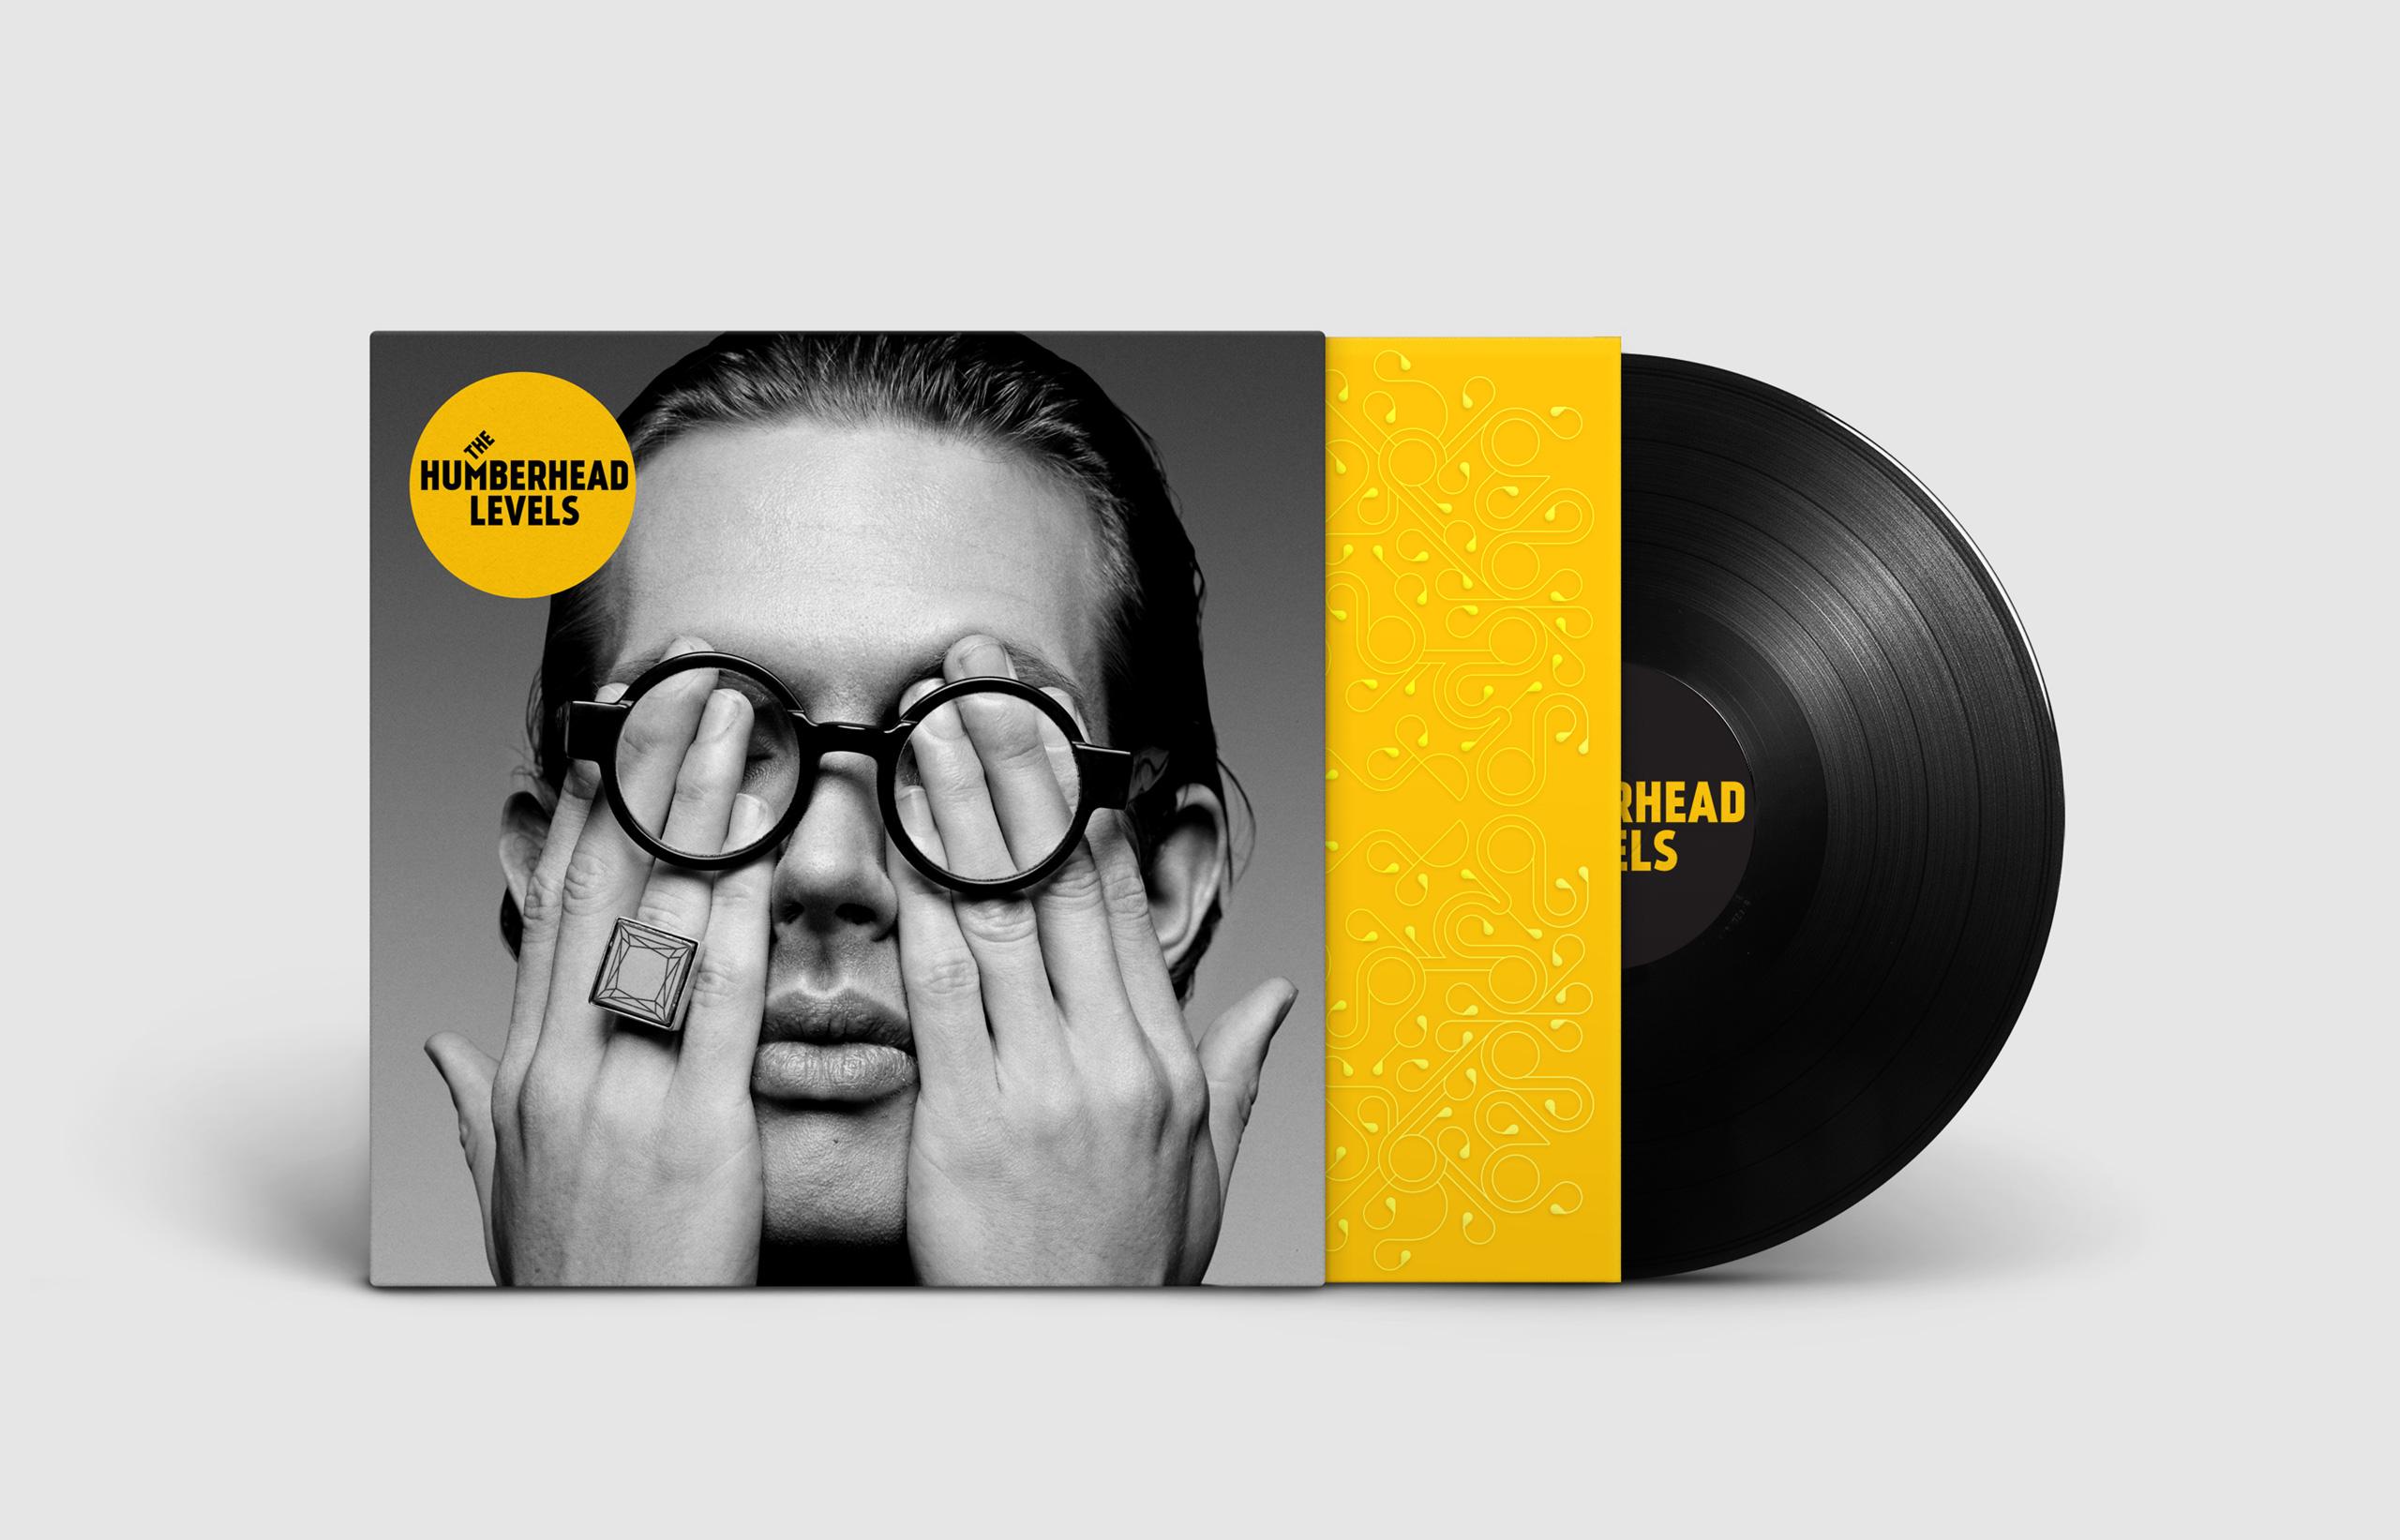 Dan_Forster_THHL_album_cover_vinyl